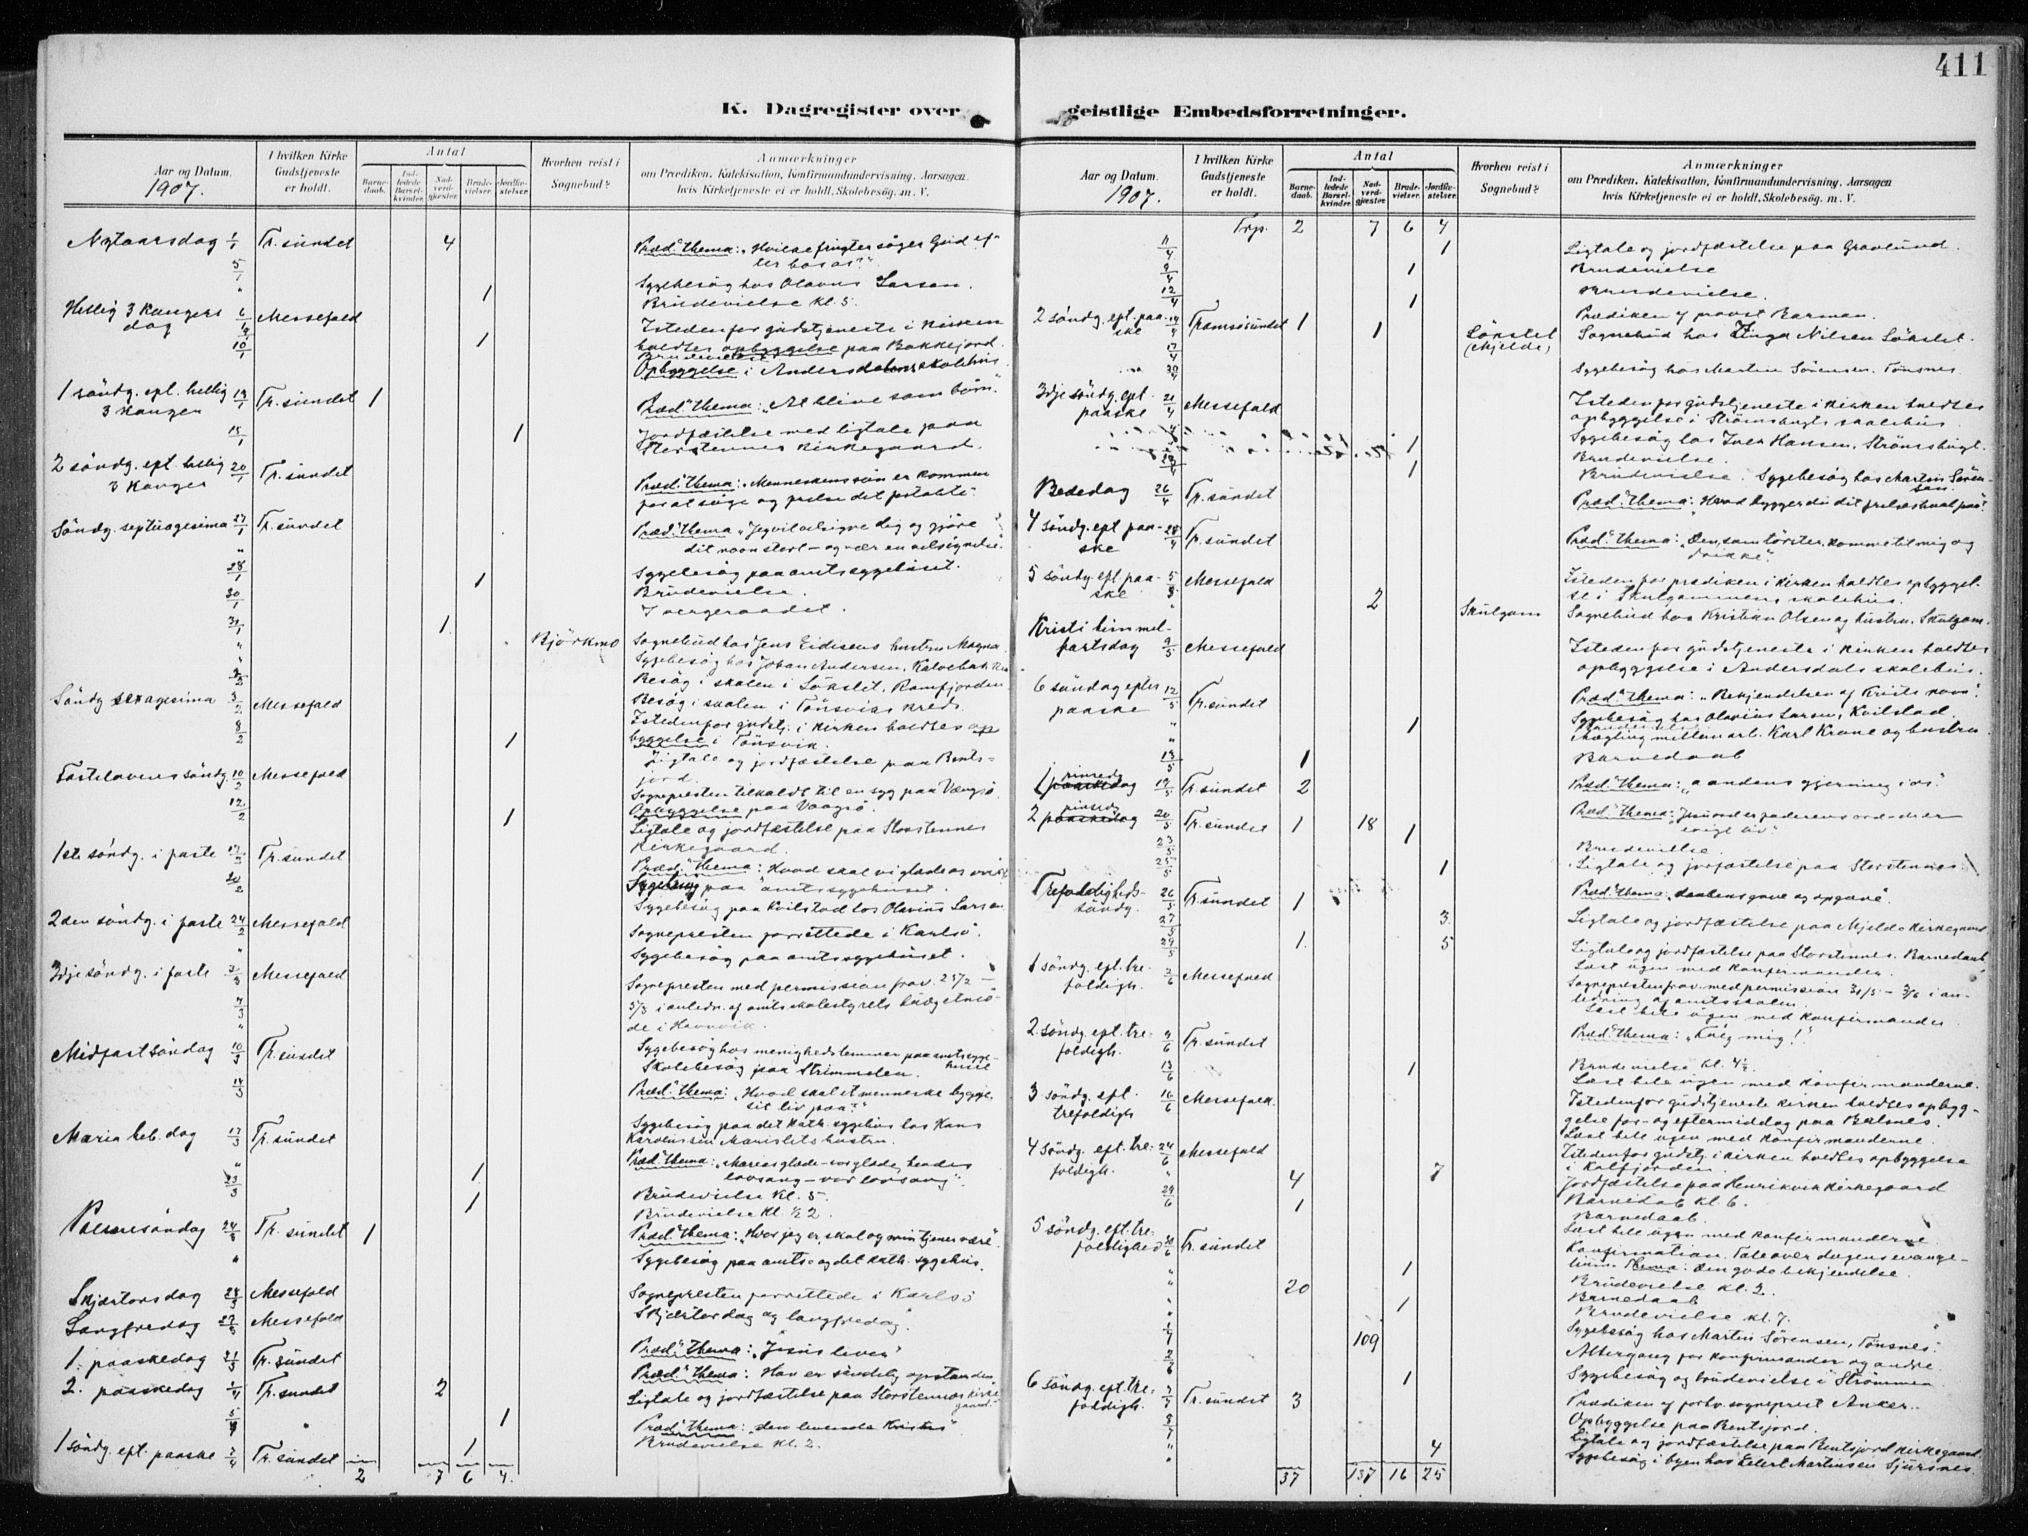 SATØ, Tromsøysund sokneprestkontor, G/Ga/L0007kirke: Ministerialbok nr. 7, 1907-1914, s. 411